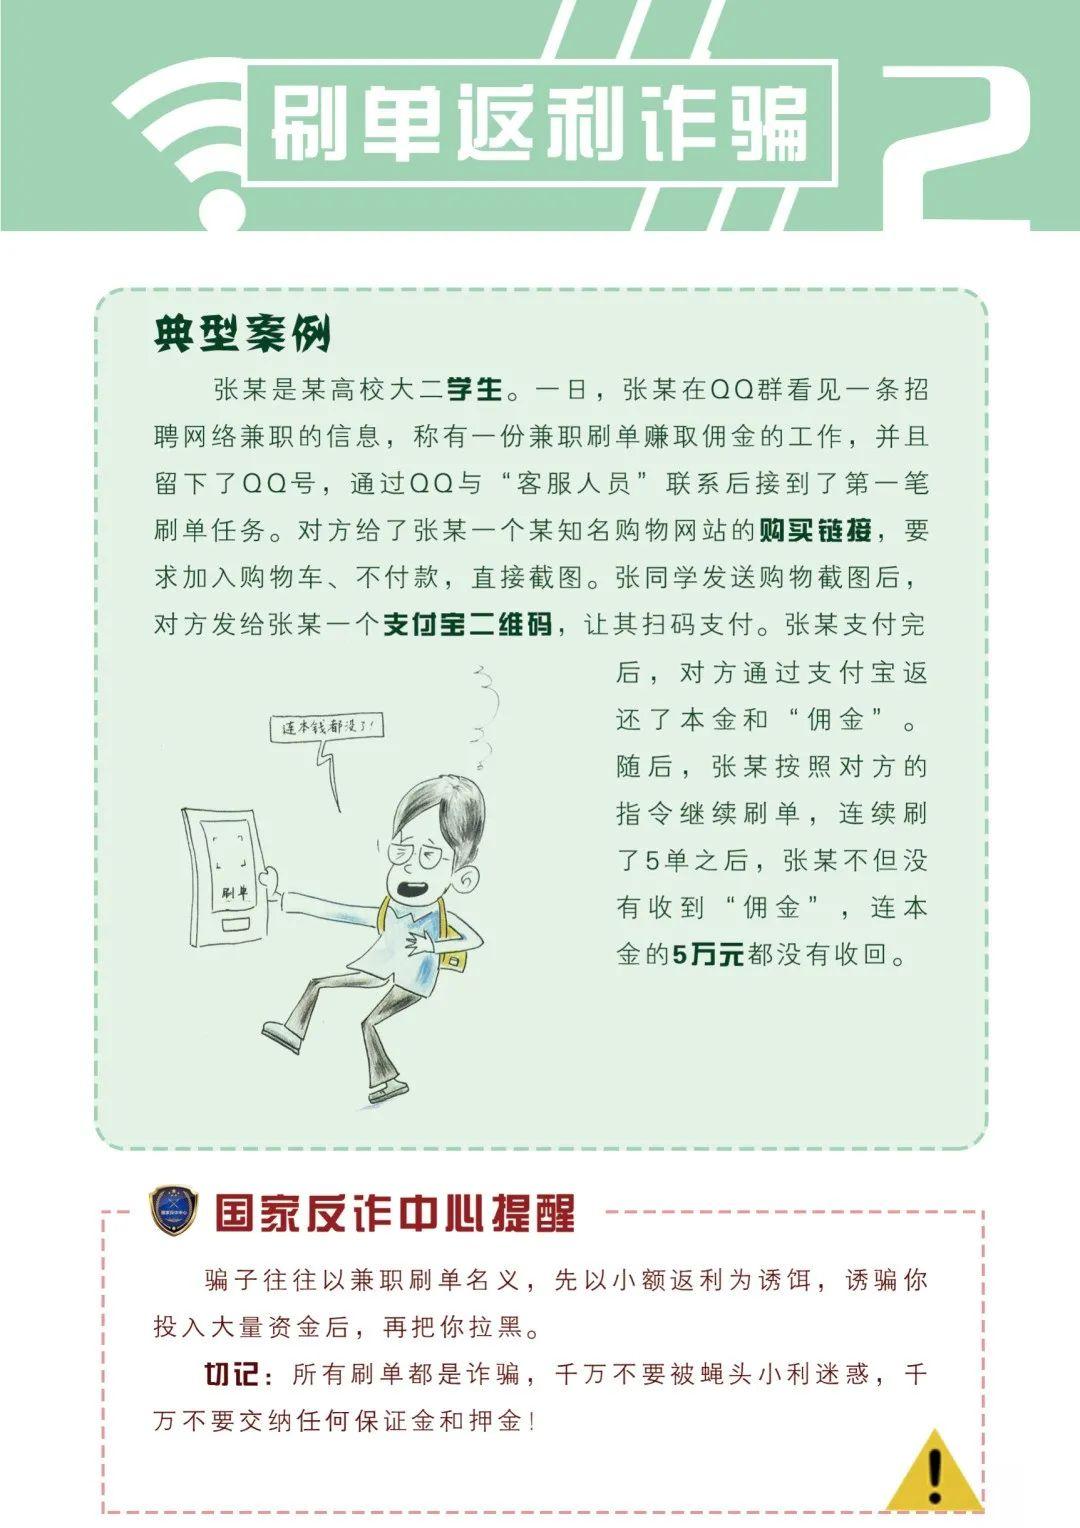 这份《防范电信网络诈骗宣传手册》请所有人转发!